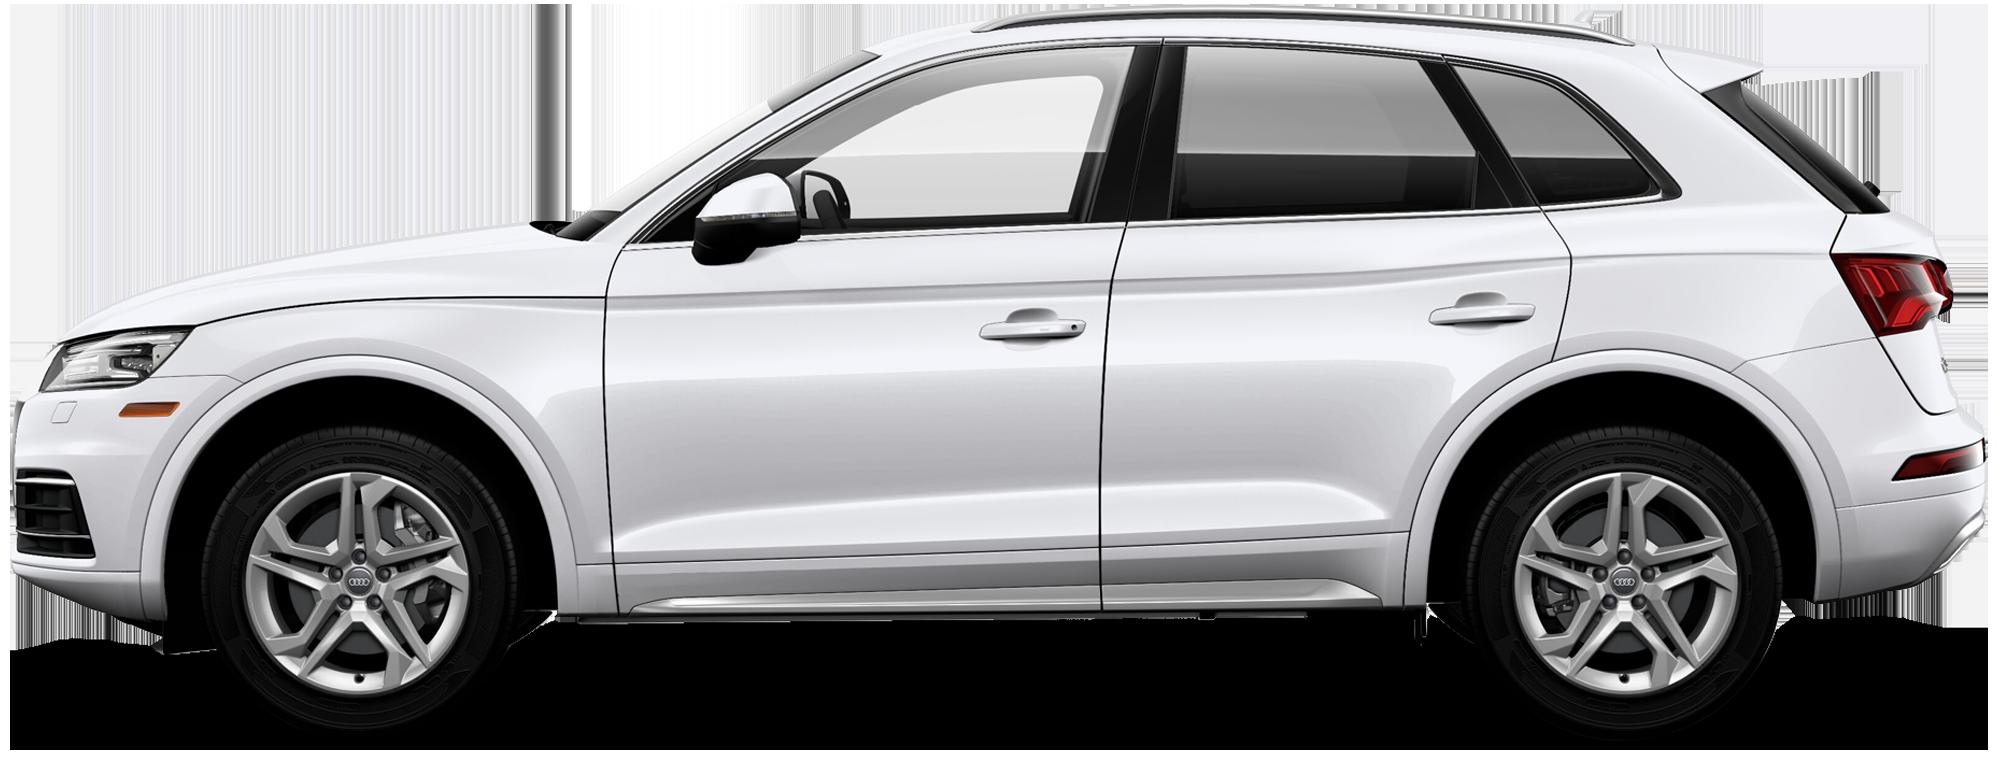 2019 Audi Q5 SUV 2.0T Premium